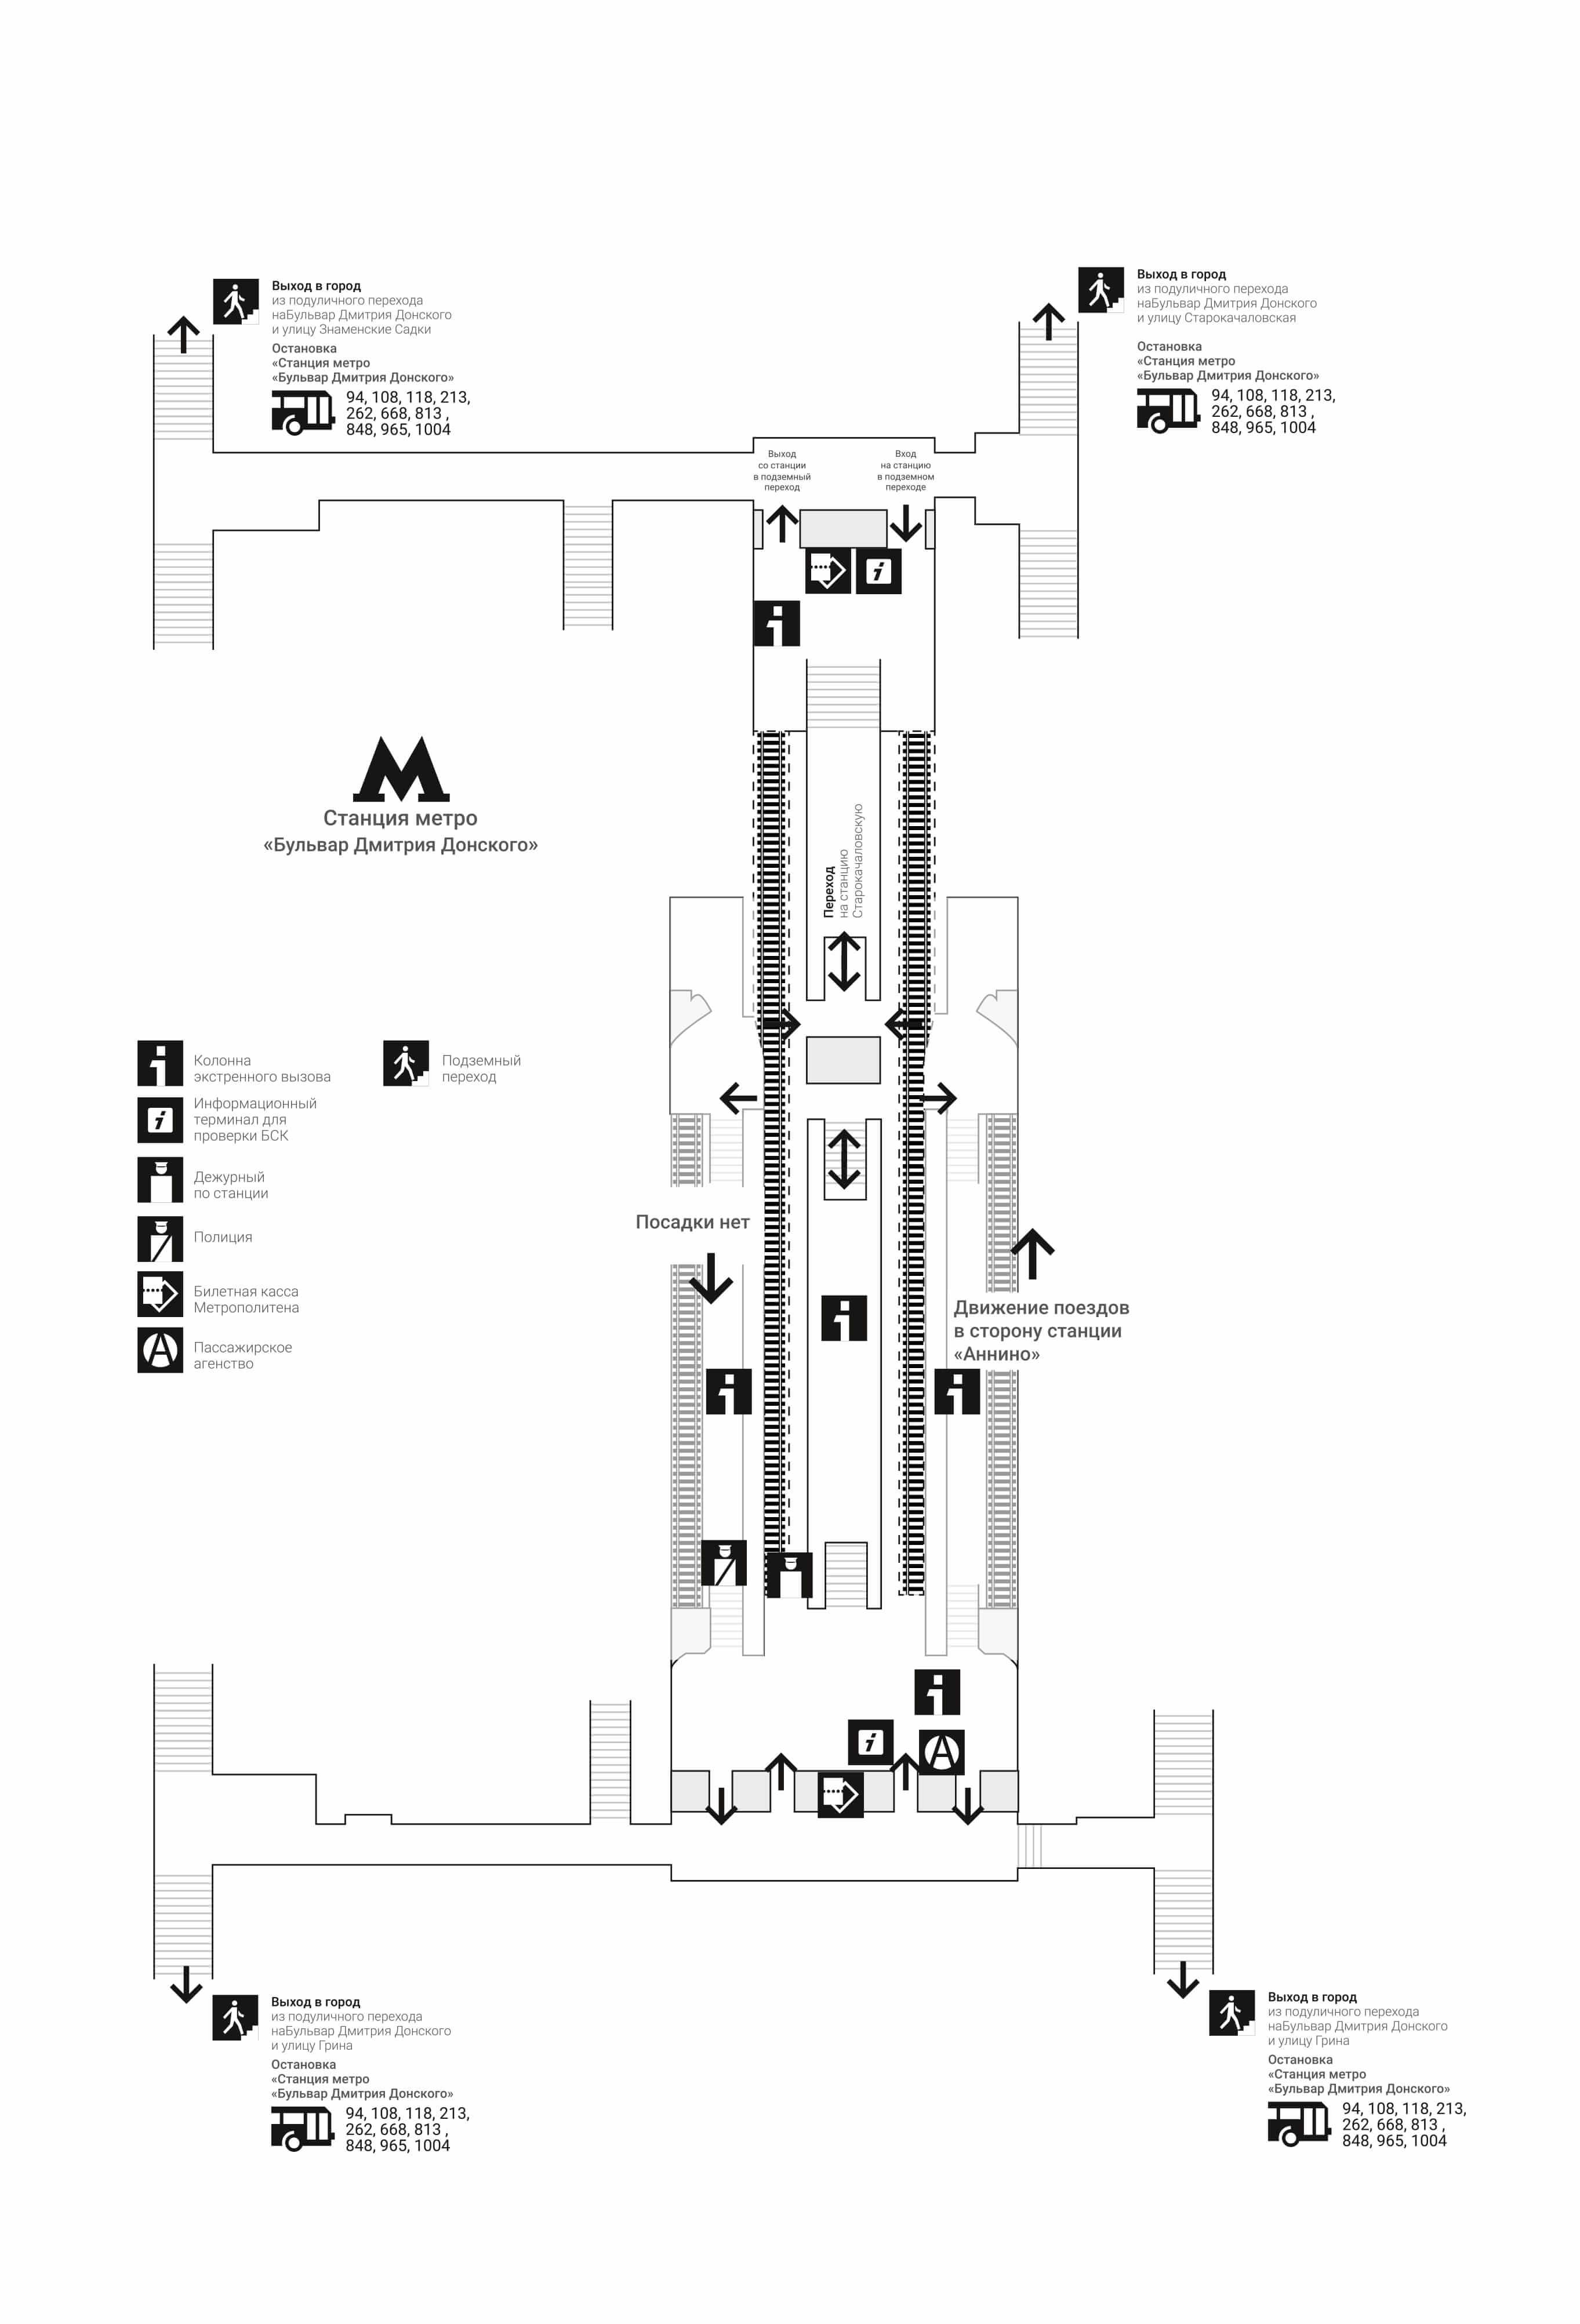 Бульвар дмитрия донского схема метро фото 673